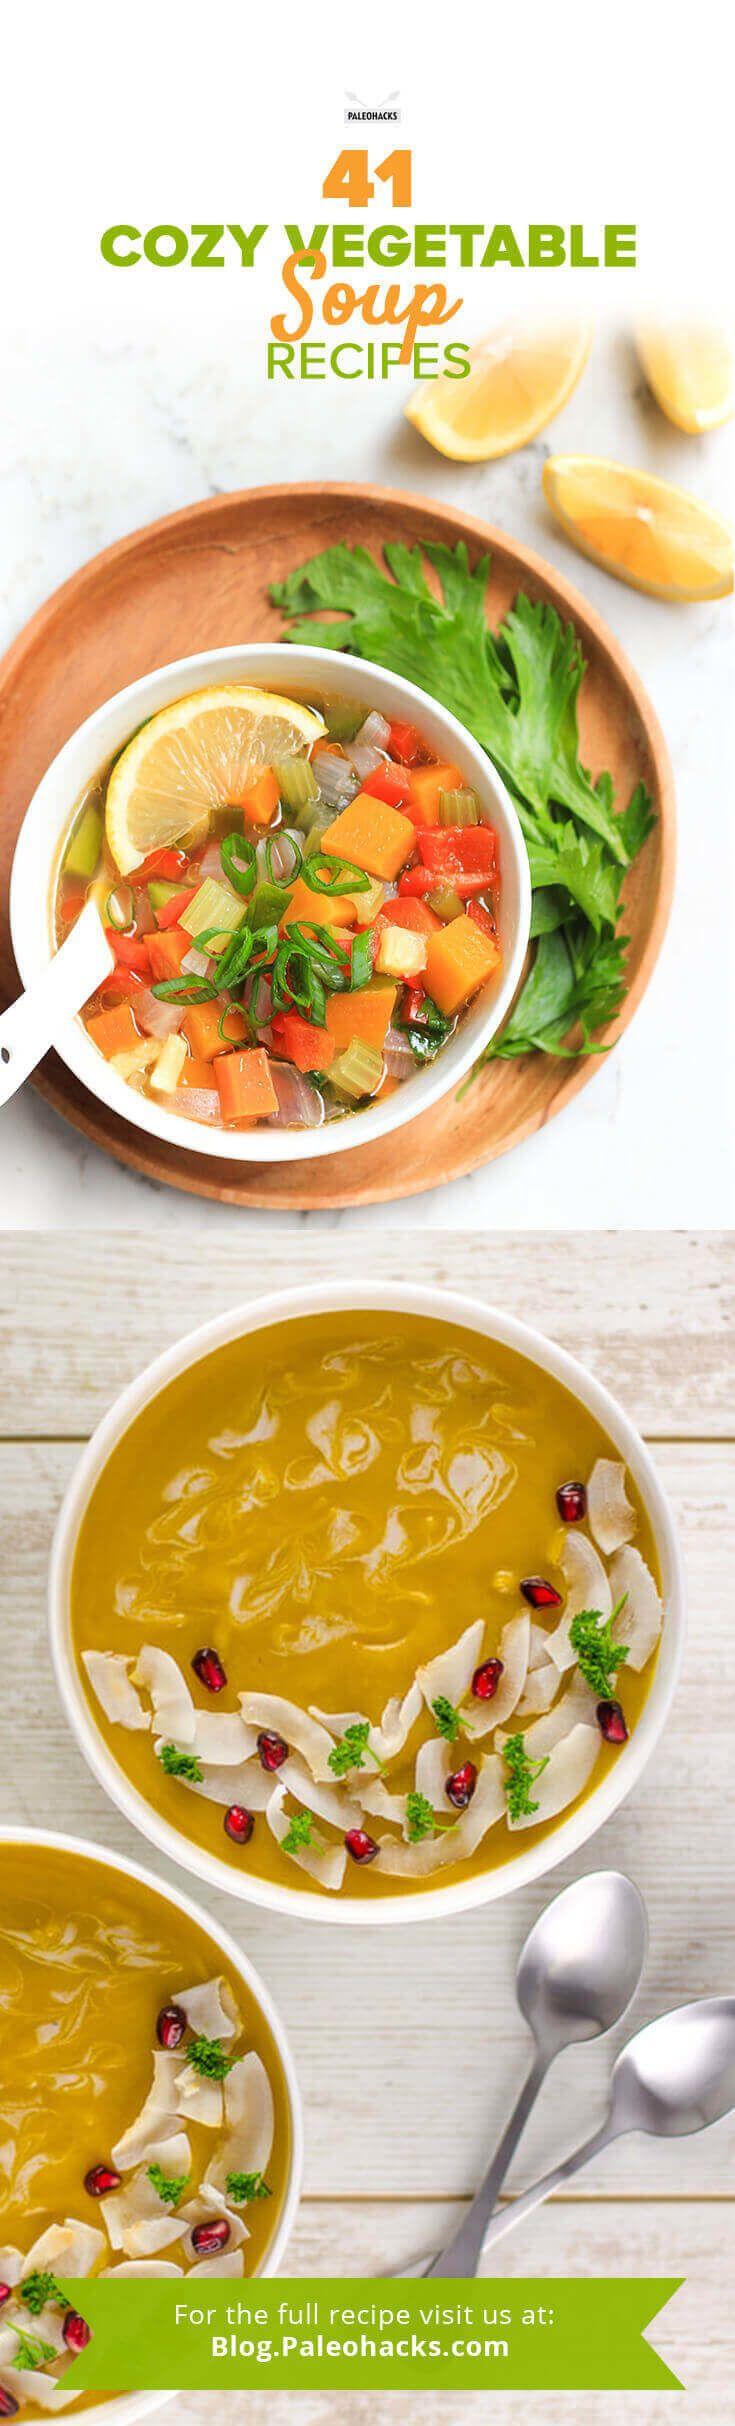 Washington Pa Soup Kitchen